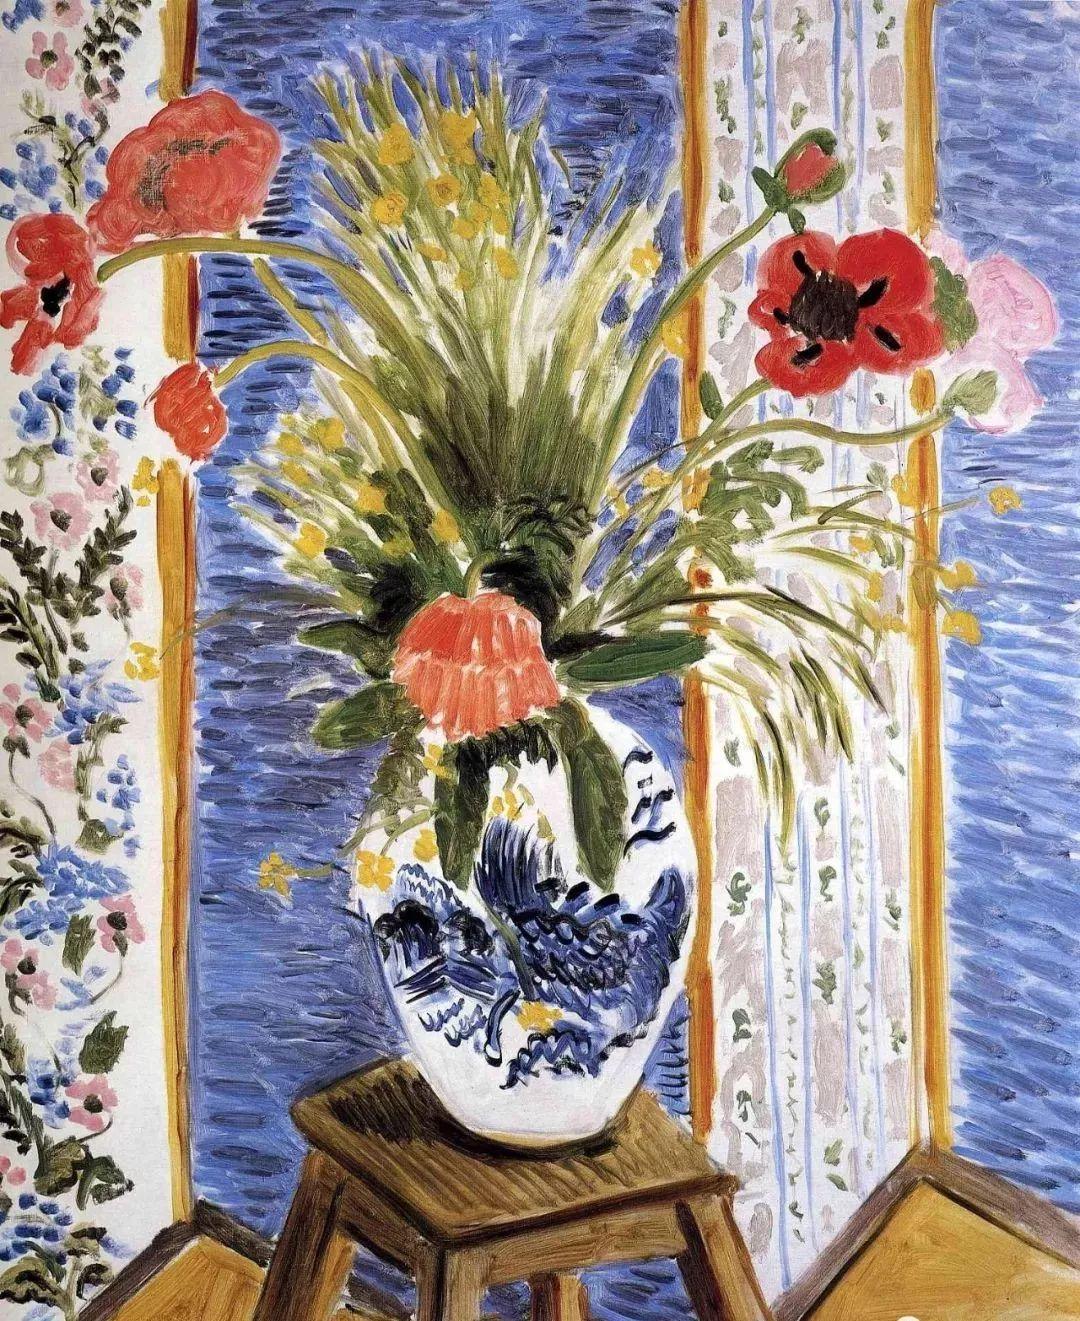 与毕加索并称为20世纪世界美术的两座高峰!马蒂斯静物作品集,震撼出炉!插图45